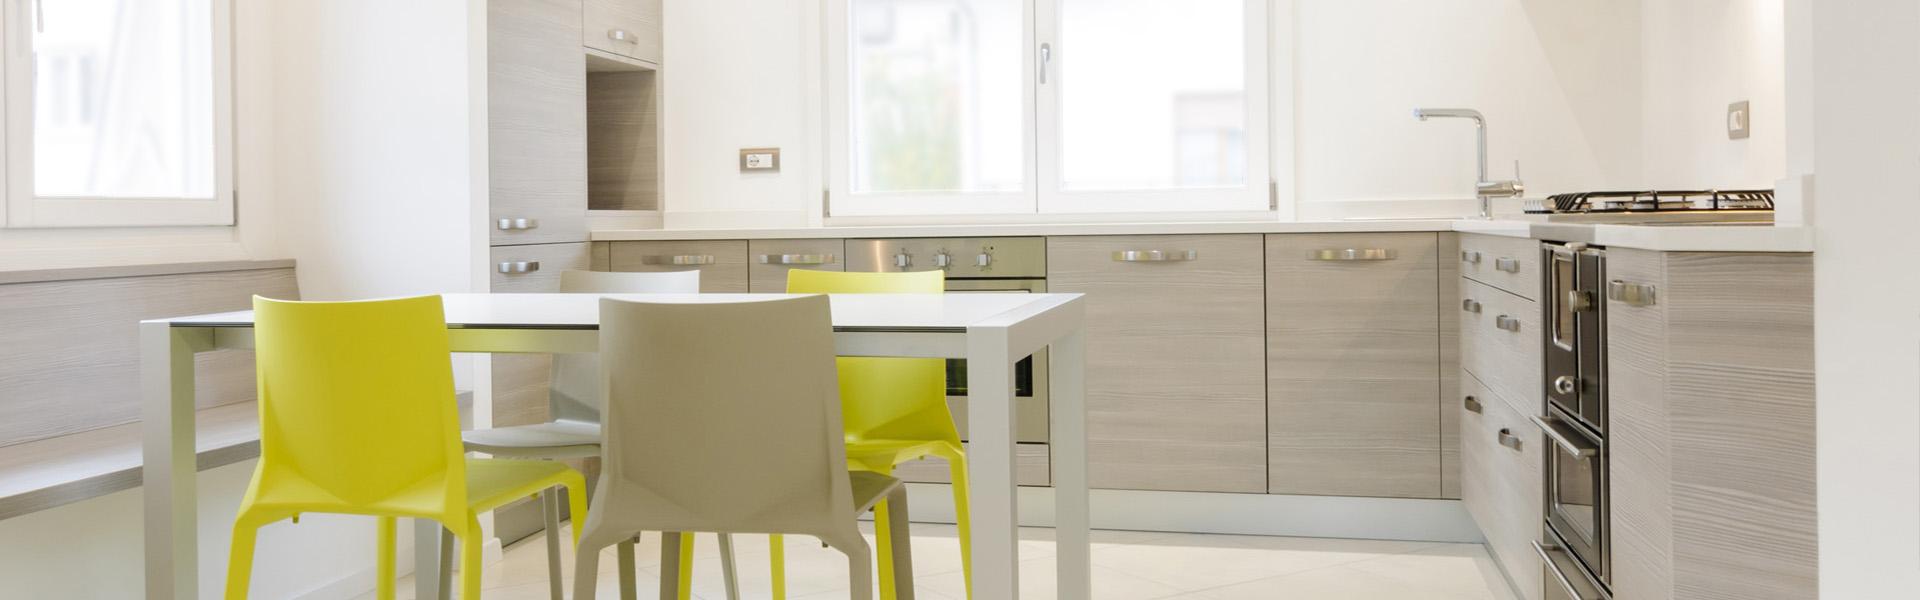 Cuisines jarso conception et planification de cuisines for Planification 3d cuisine